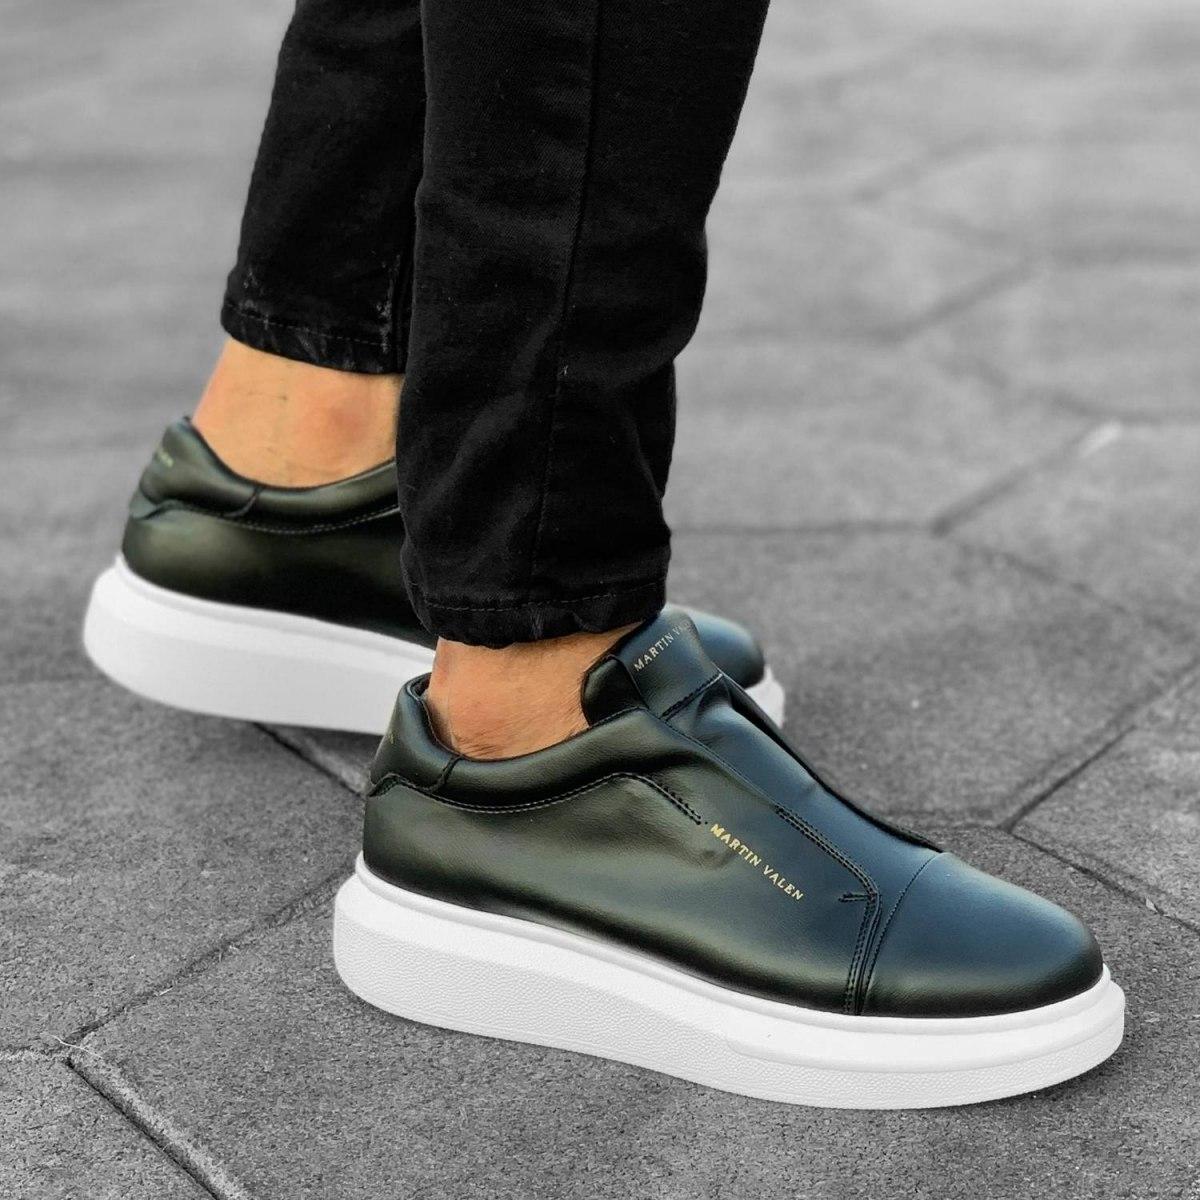 Slip-on Sneakers in Black-White Mv Premium Brand - 7